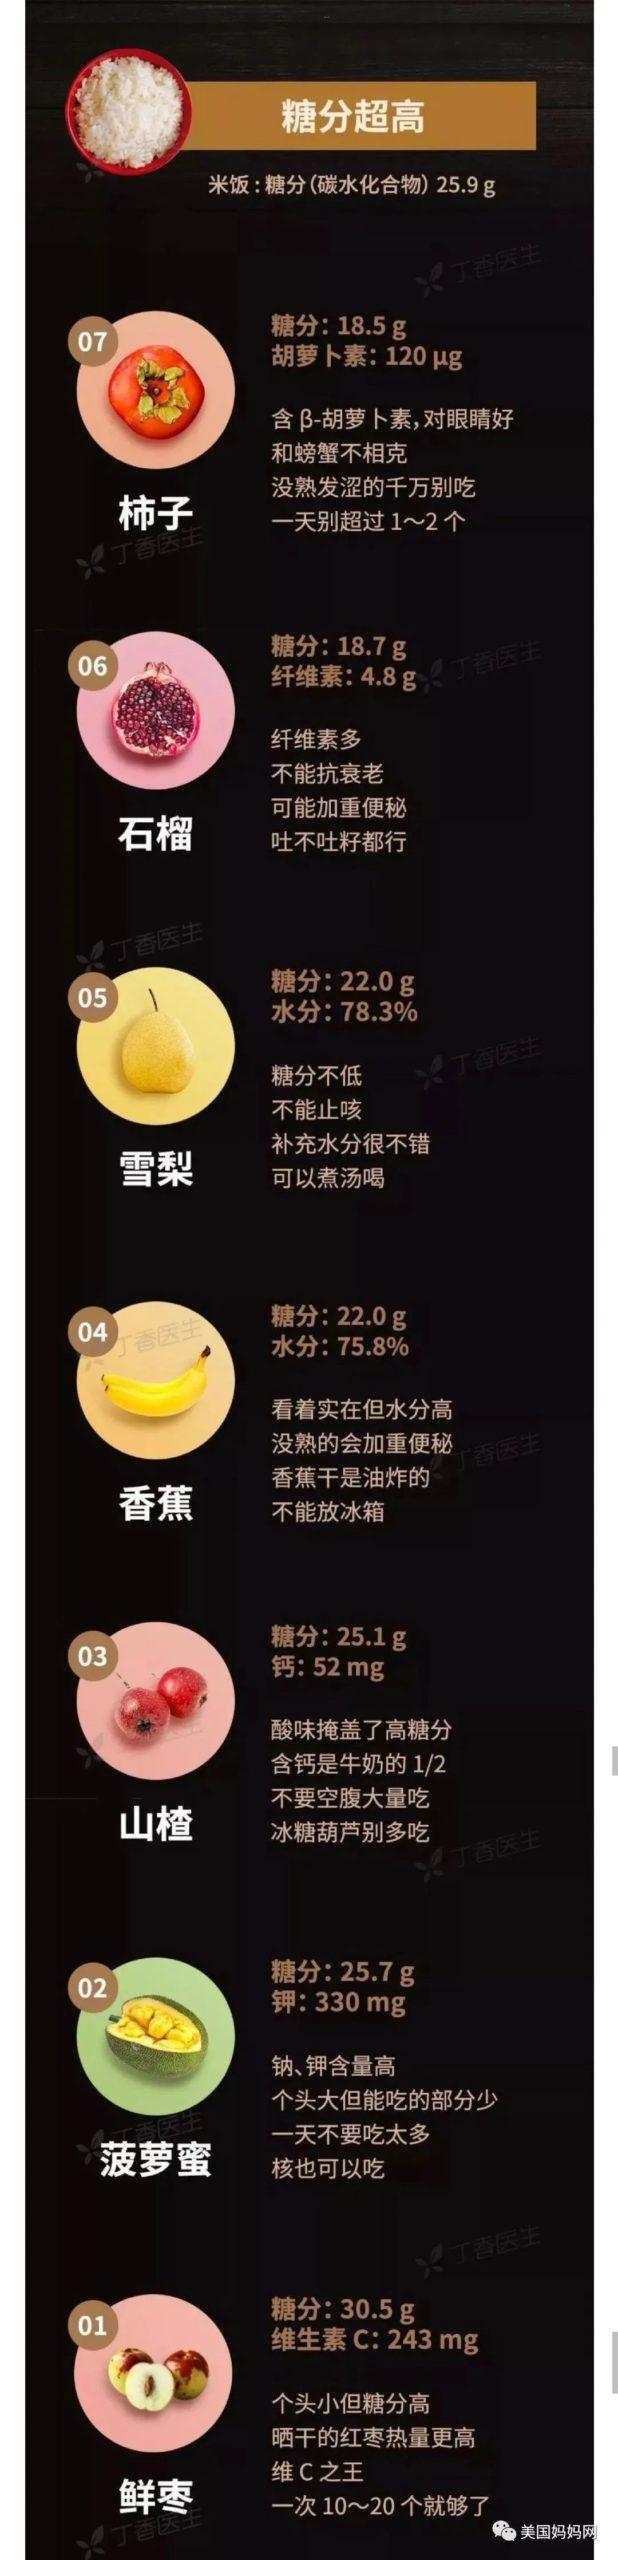 丁香5月成人_夏季水果圈,娃的C位水果怎么选? | 美国妈妈网